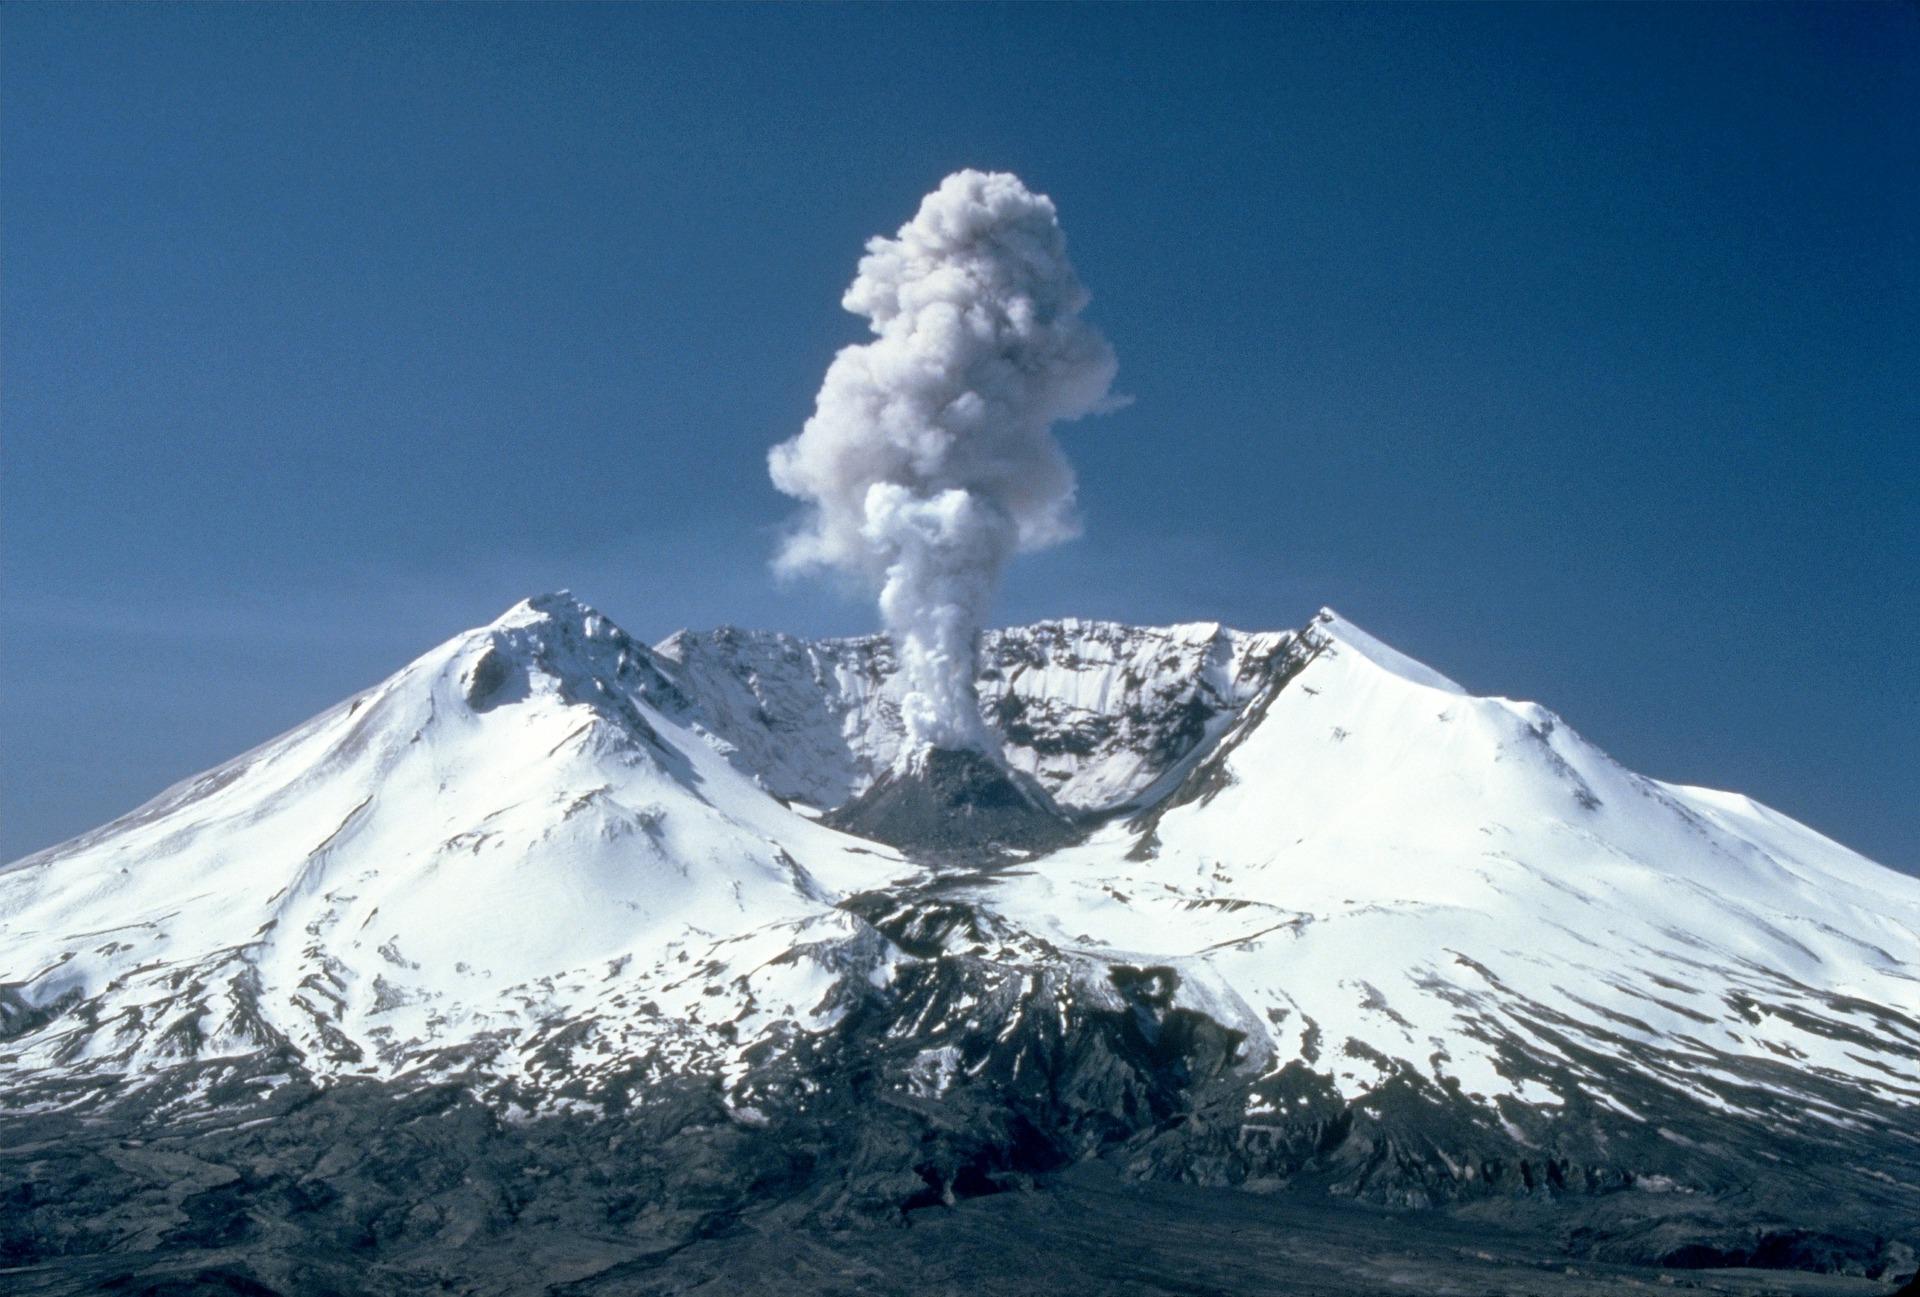 En vulkankrater med rök som stiger ur den